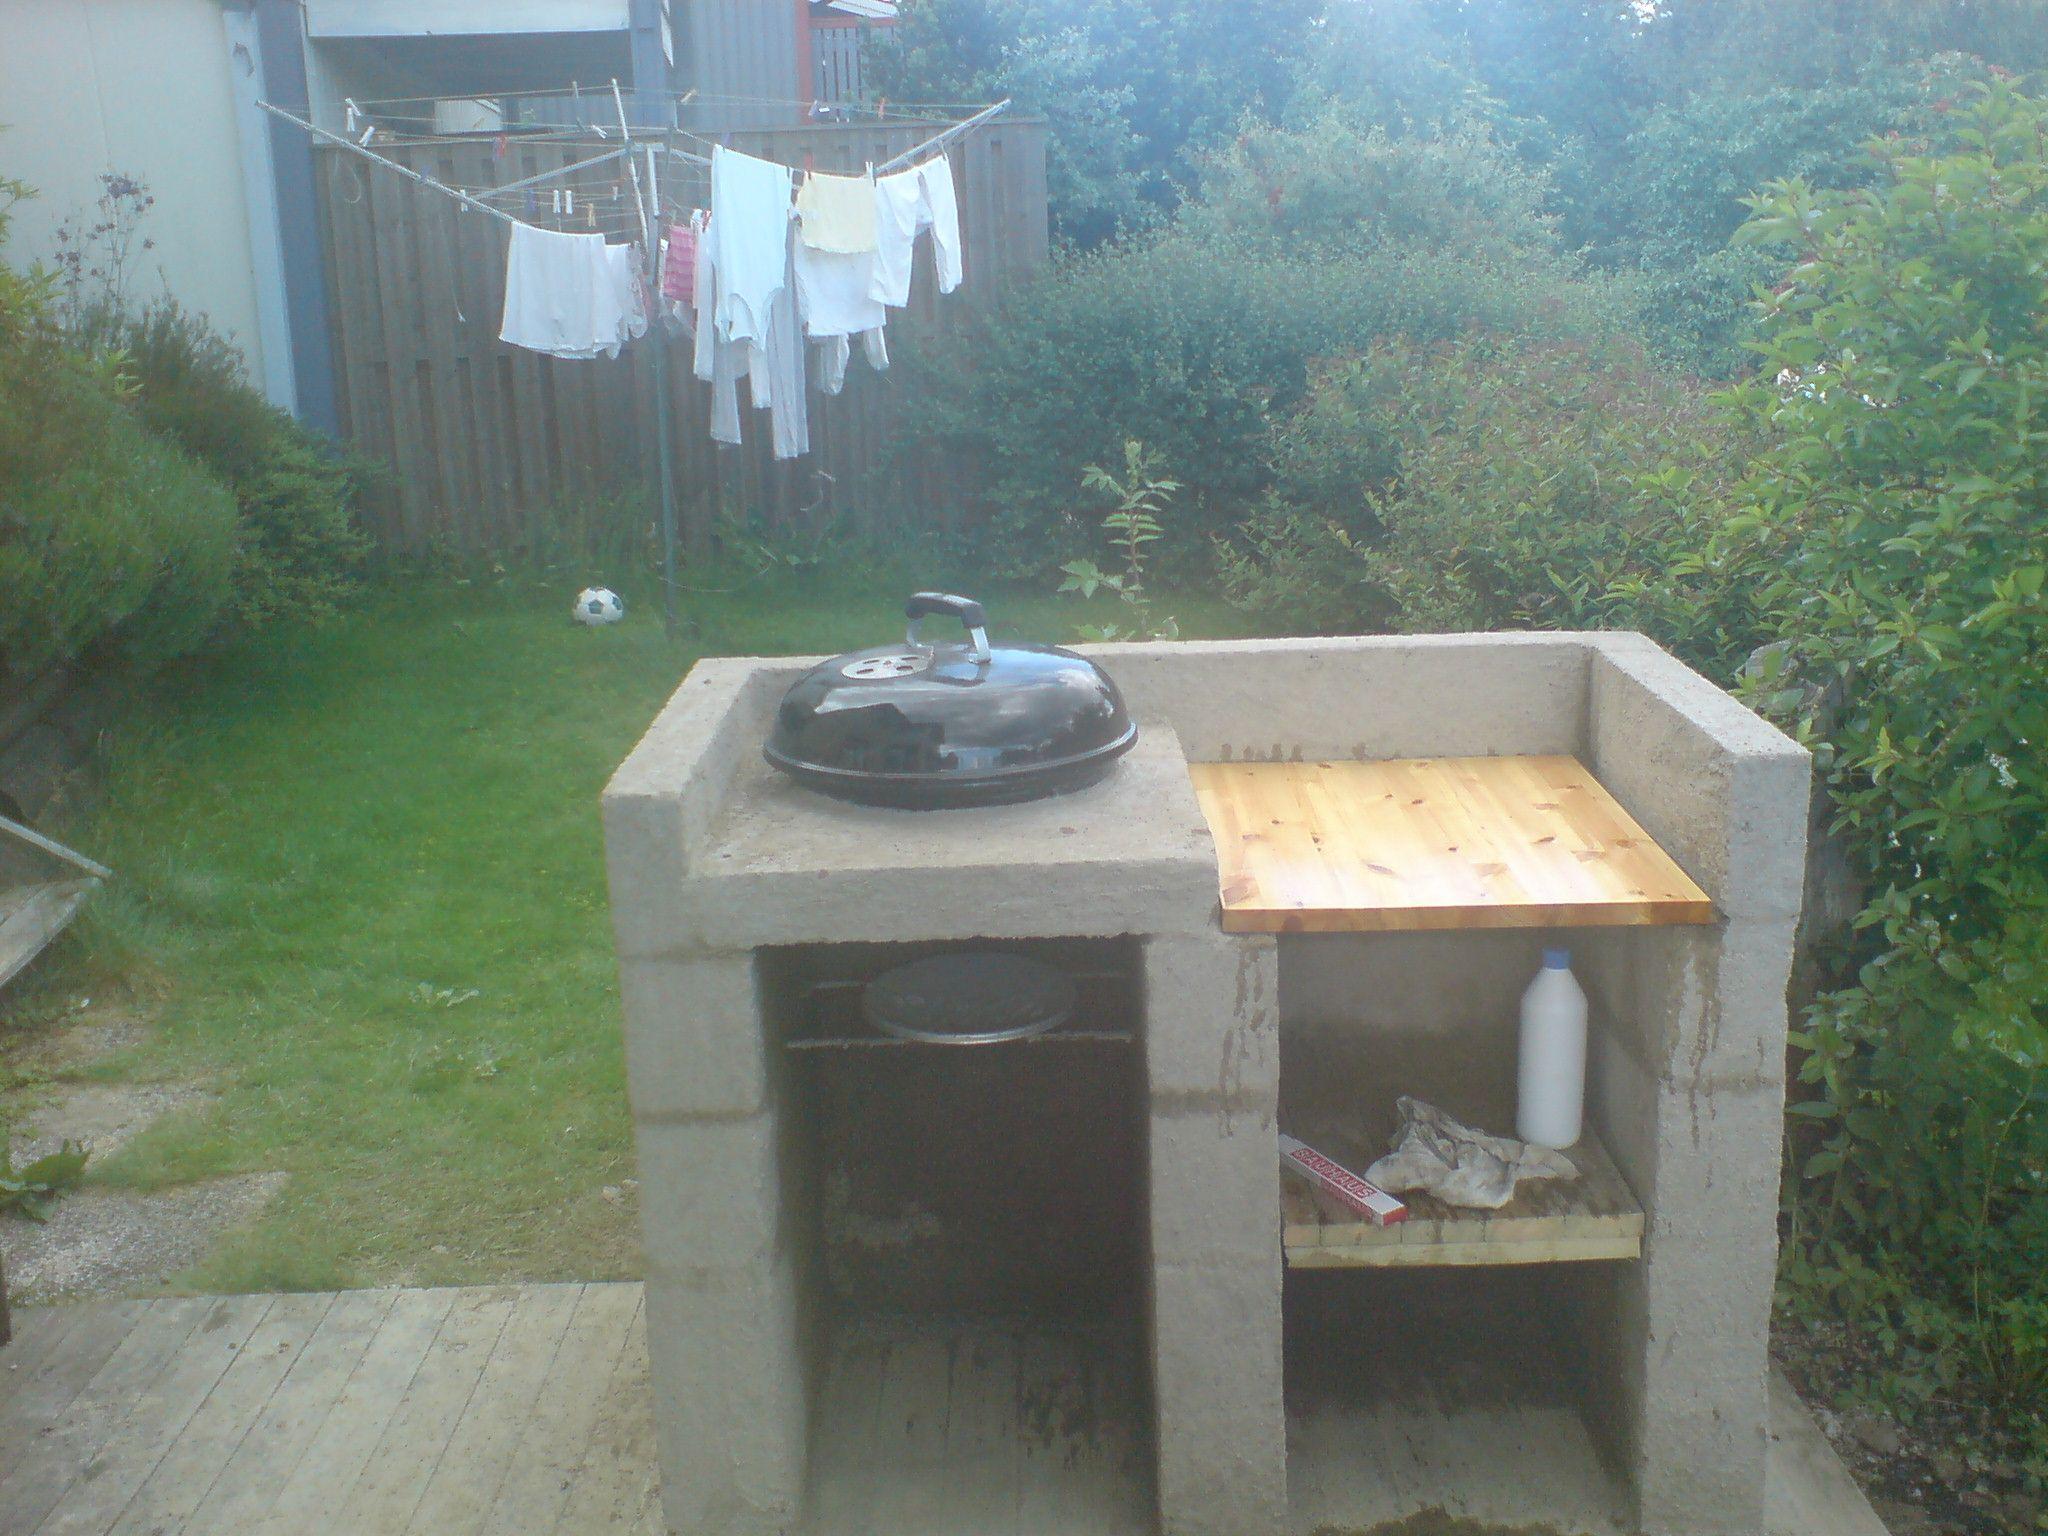 Billig Gasgrill Til Salg : Grill billigt. billede. grillet oksemrbrad i kuglegrill. campingaz